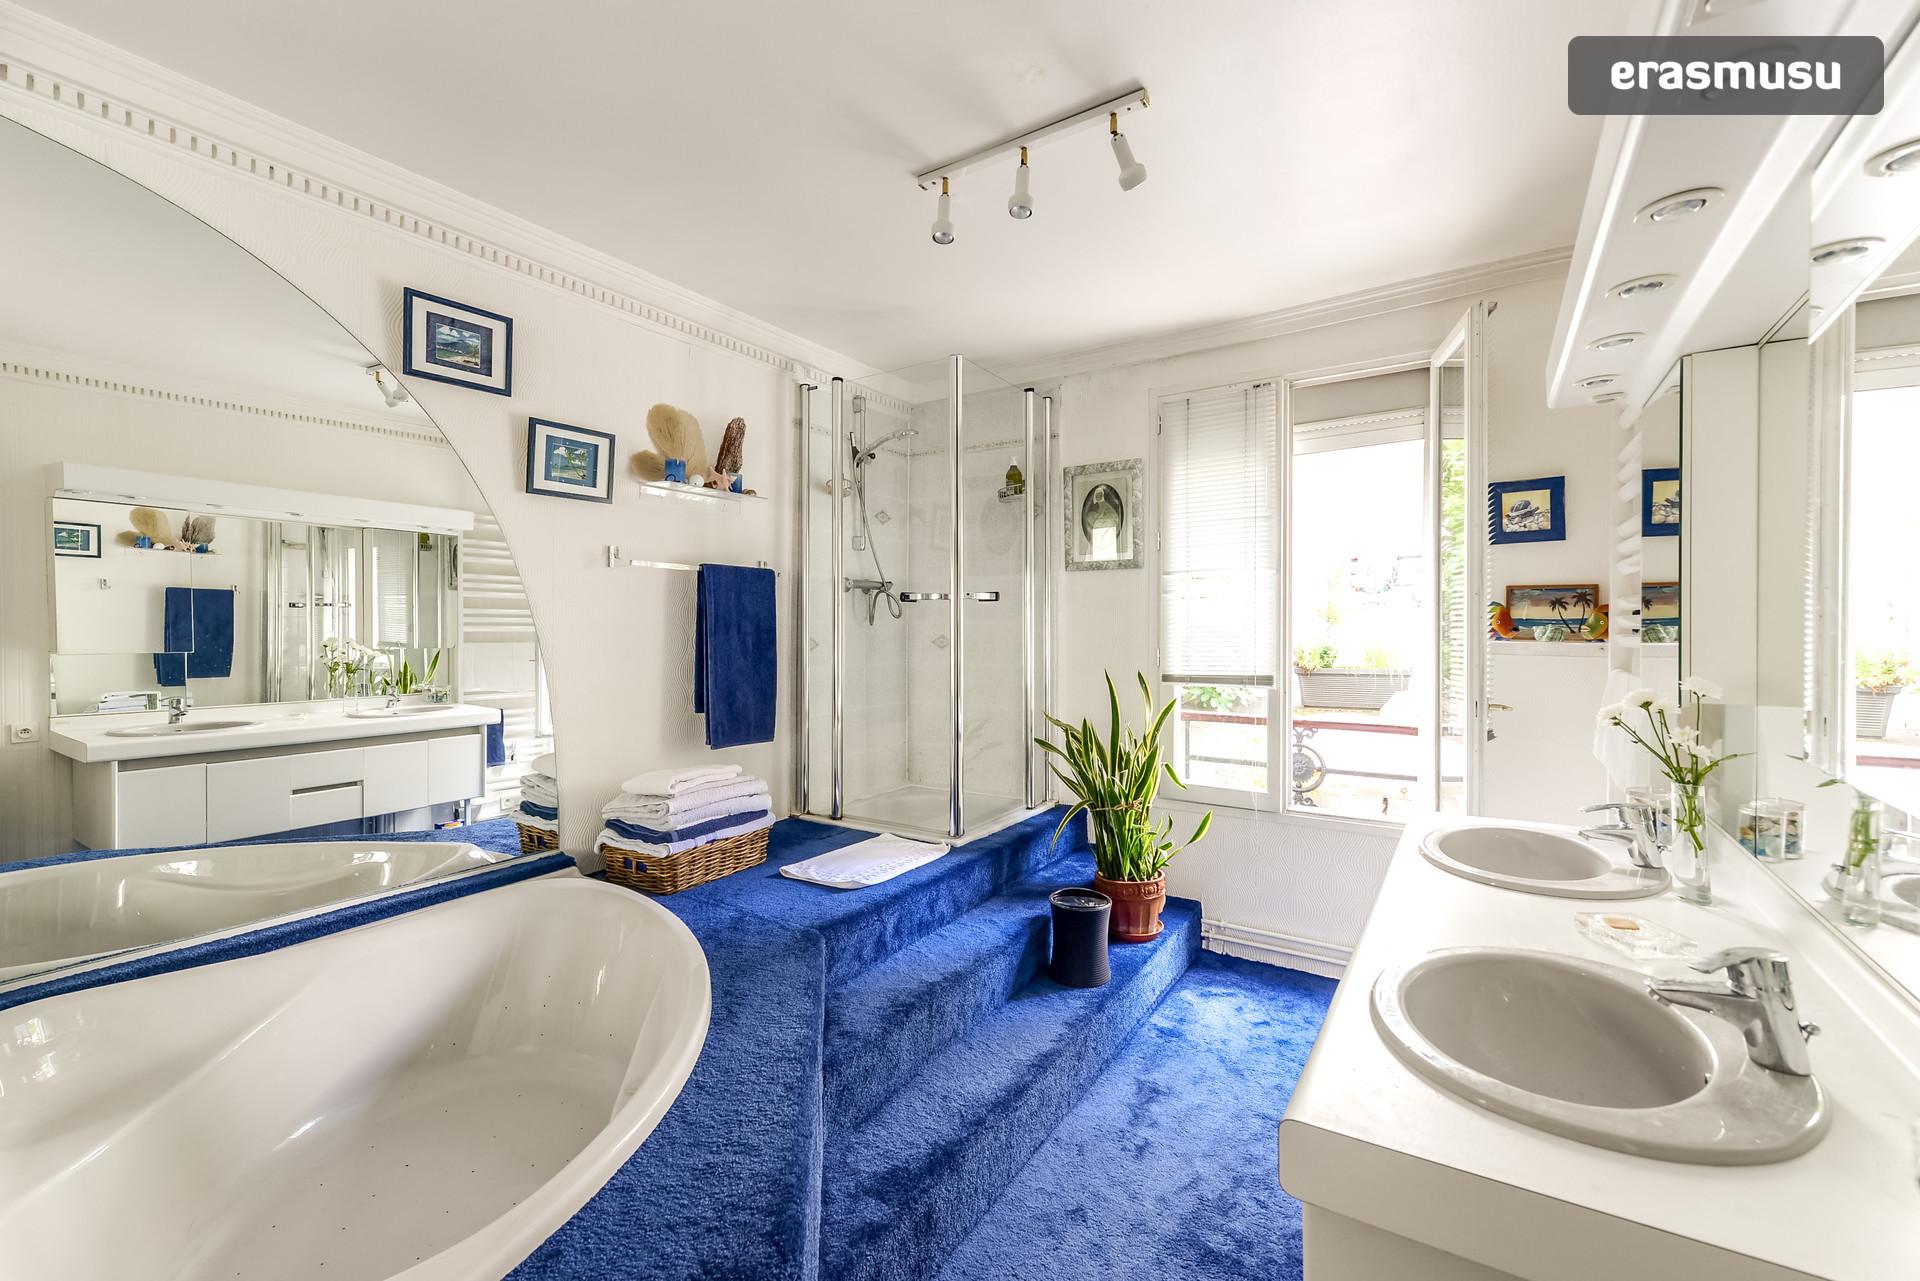 Salle De Bains Ou Toilettes ~ chambre individuelle avec salle de bain priv e et toilette priv es